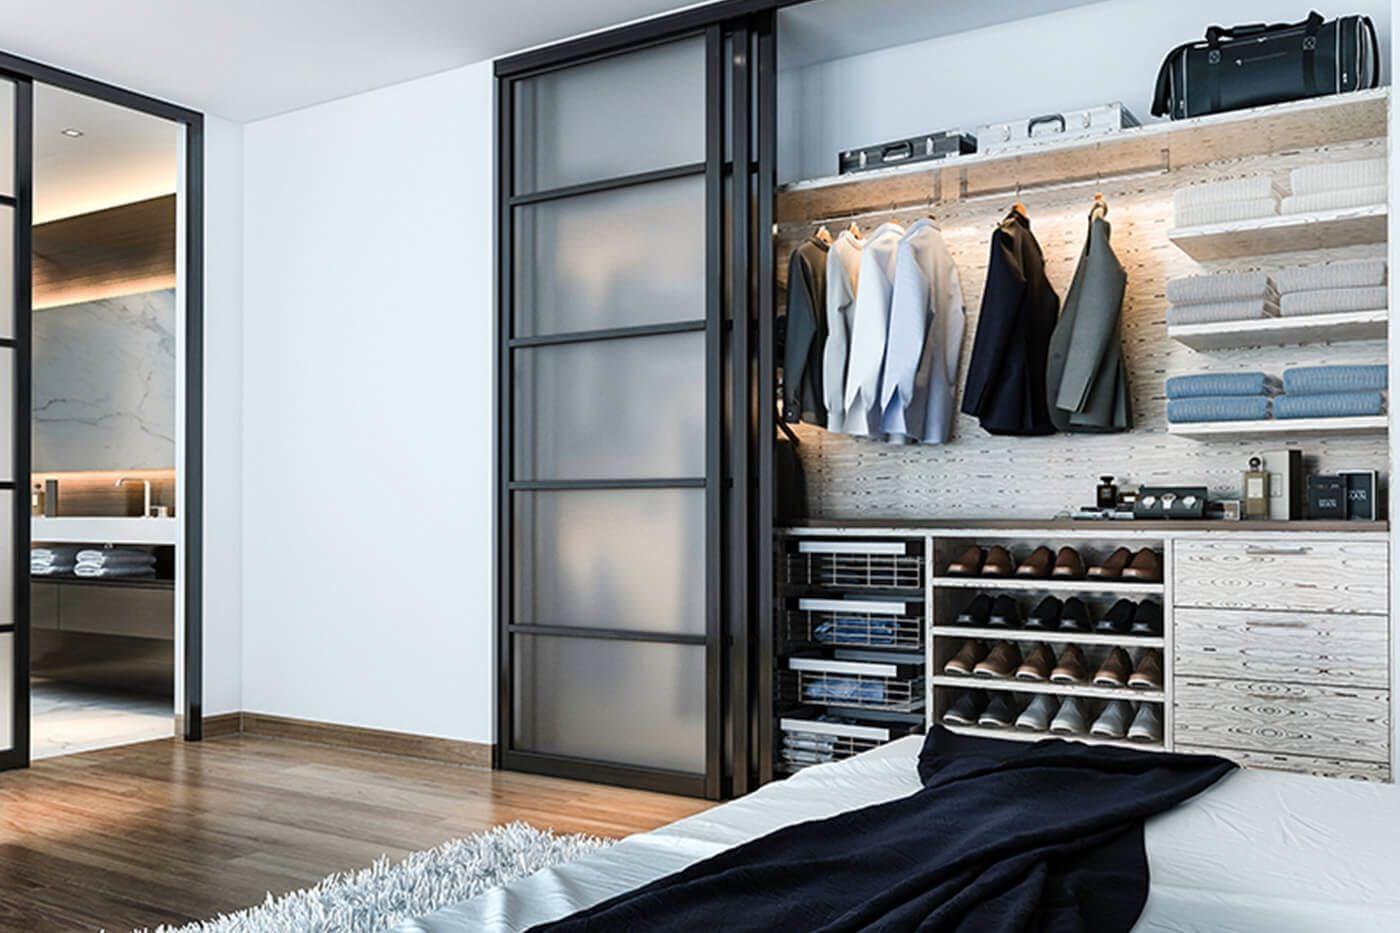 Superieur Images.closetfactory.com Core Uploads Modern Reachin Closet Mas Modern